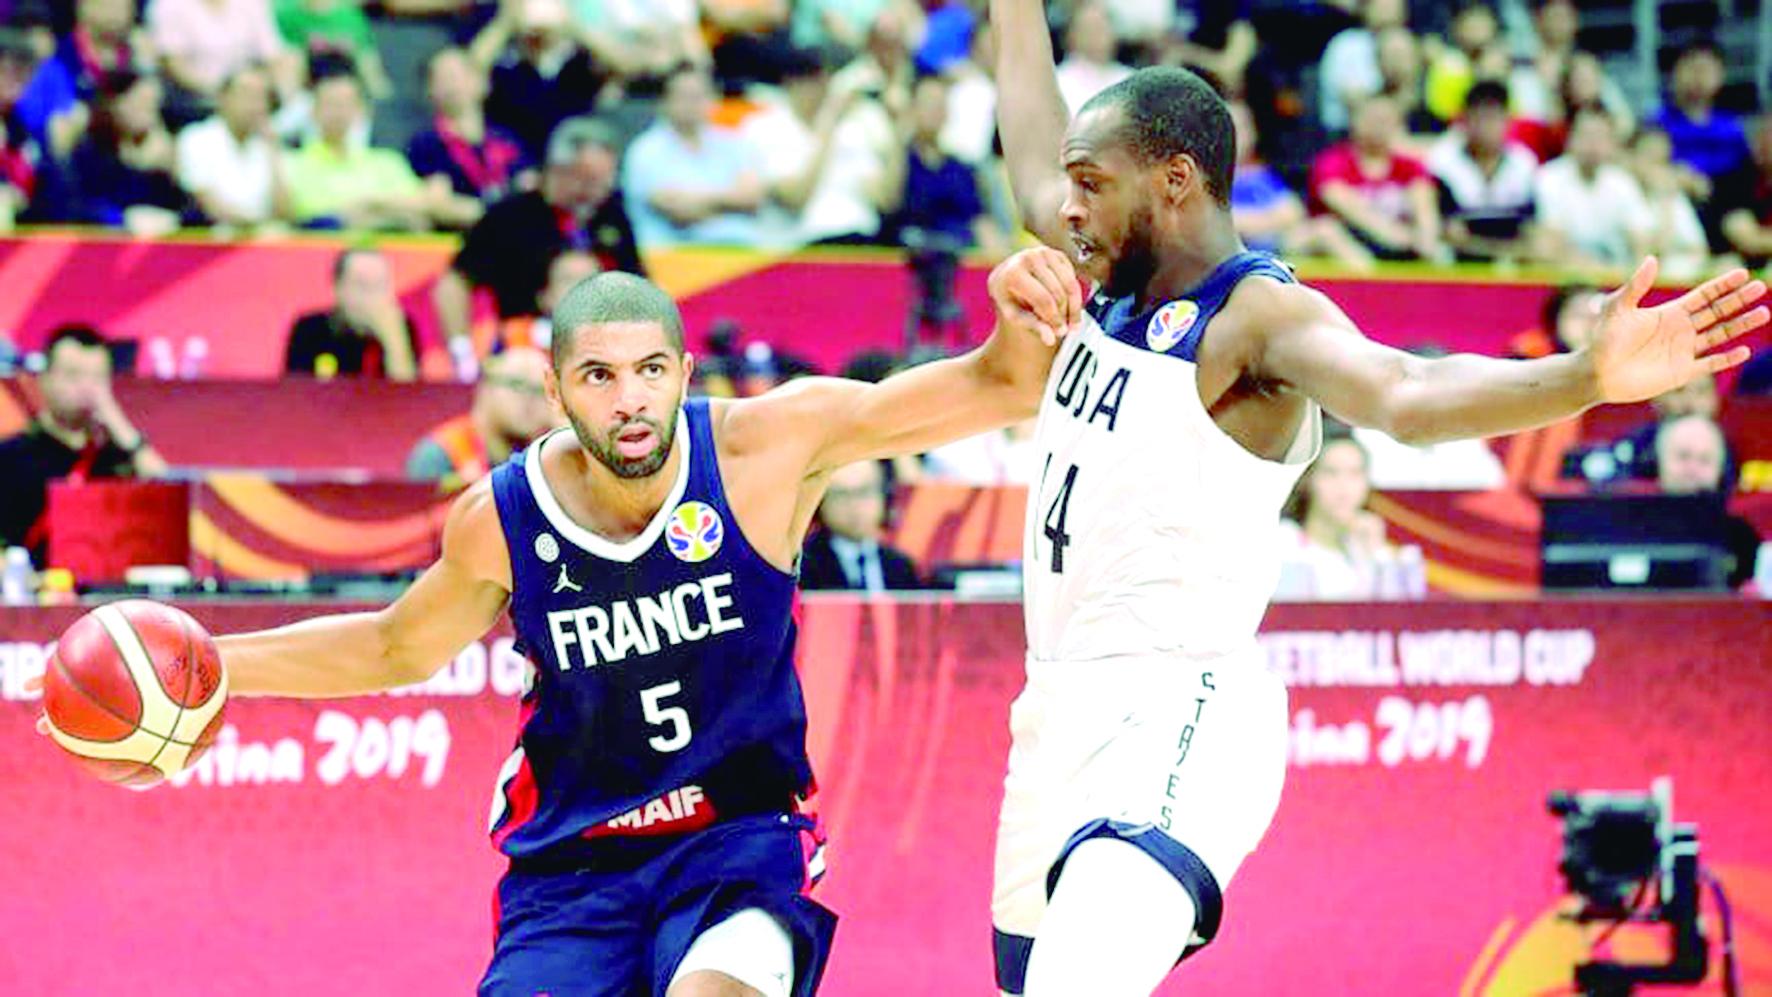 Sorpresa en el Mundial de Baloncesto. Francia elimina a Estados Unidos | Internacional | Deportes | EL FRENTE